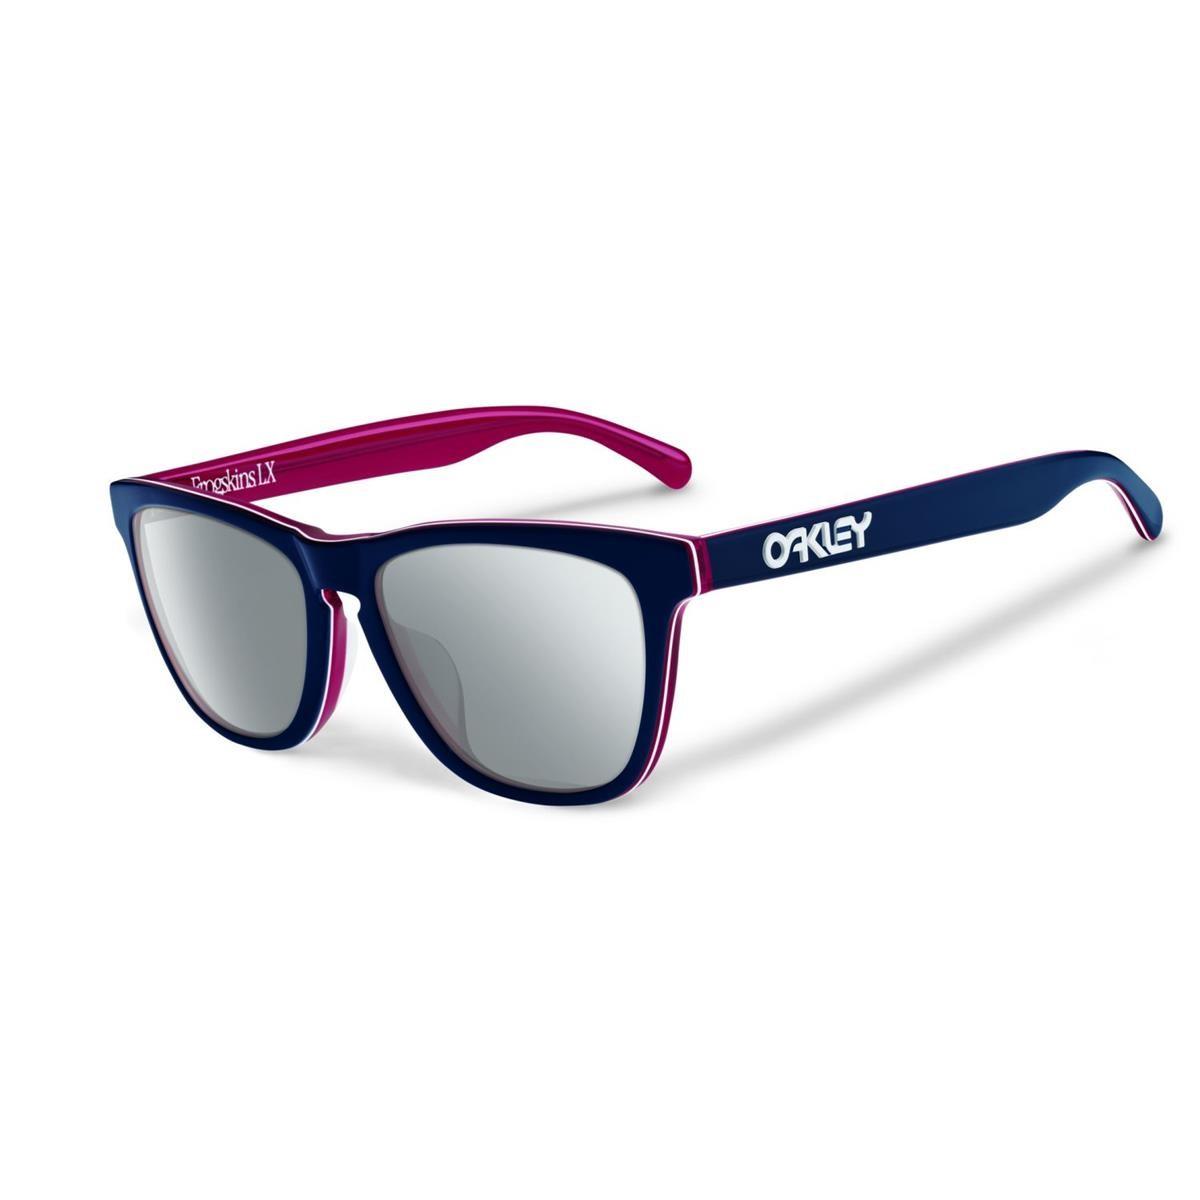 oakley sonnenbrille  oakley_sonnenbrille1_1364906235.jpeg